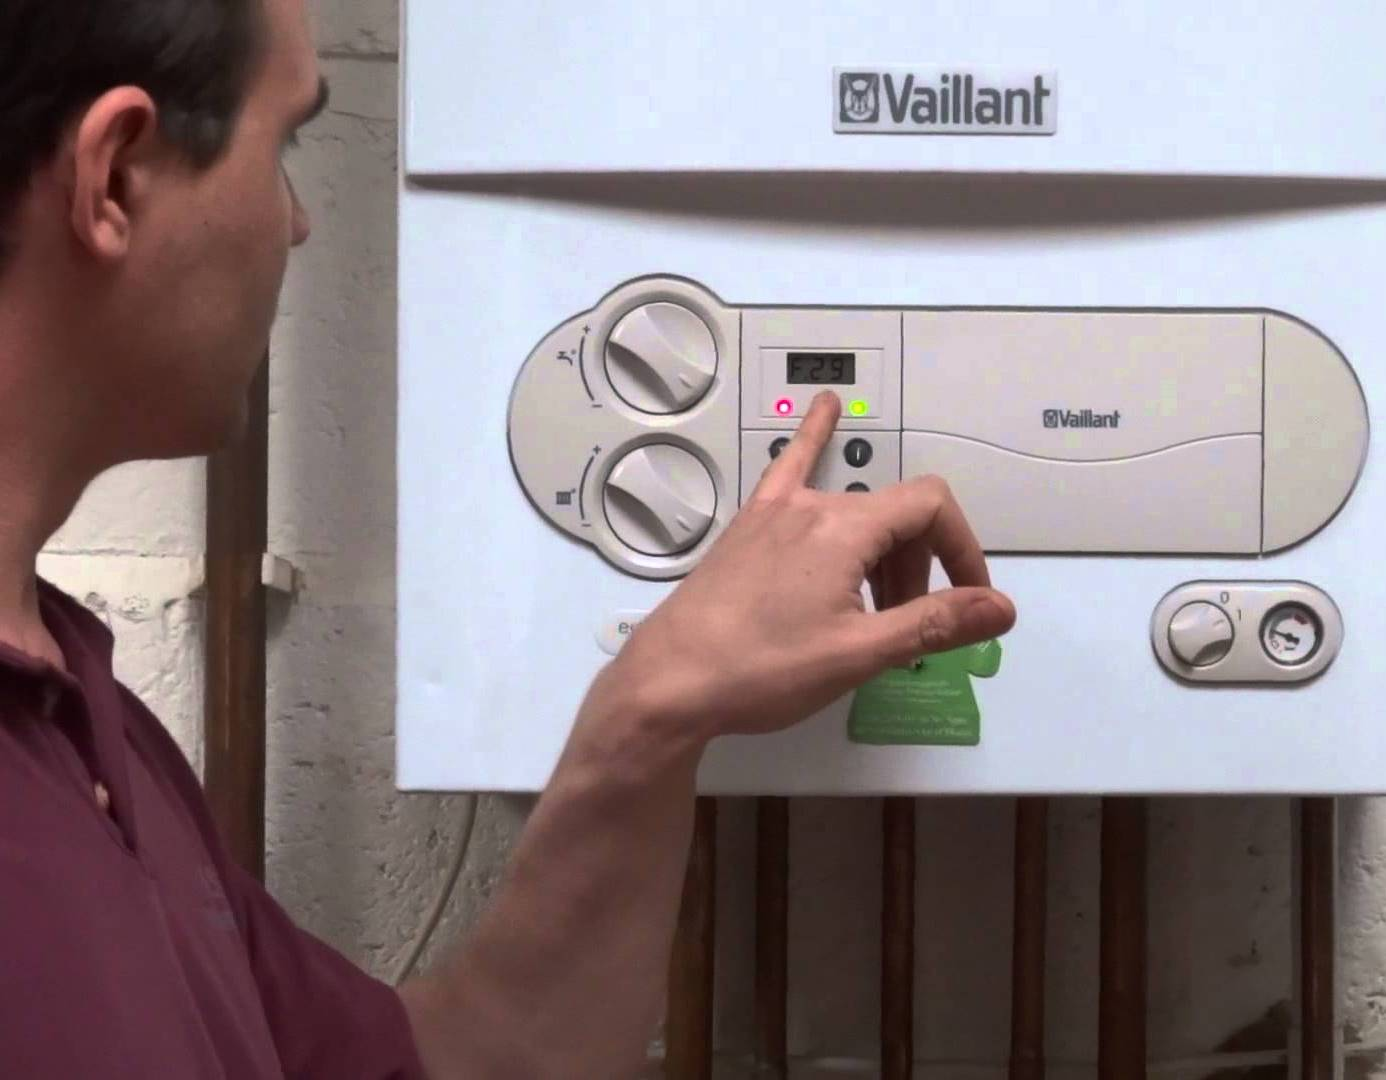 Svantaggi Caldaie A Condensazione difetti della caldaia vaillant: riparazione e codici di